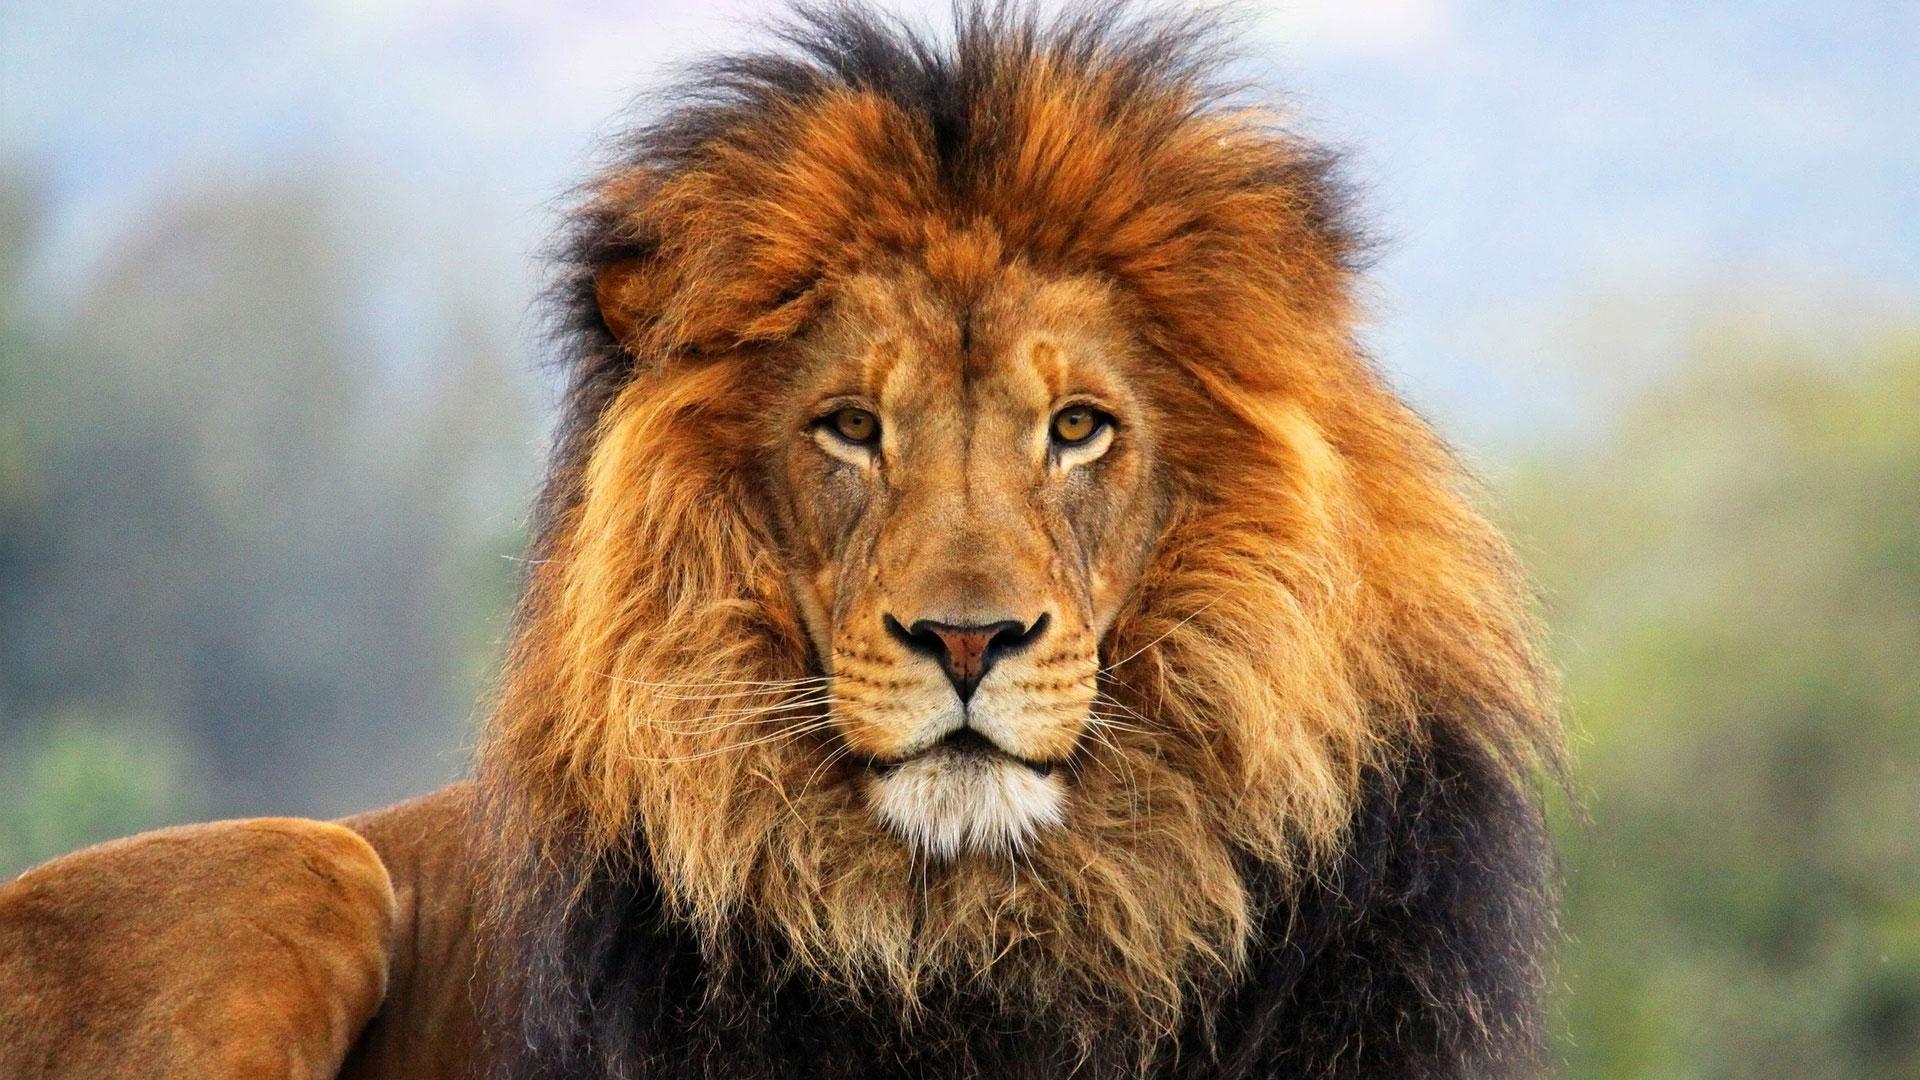 Fond d'écran : visage, les yeux, Lion, fourrure, crinière 1920x1080 - - 1024123 - Fond d'écran ...